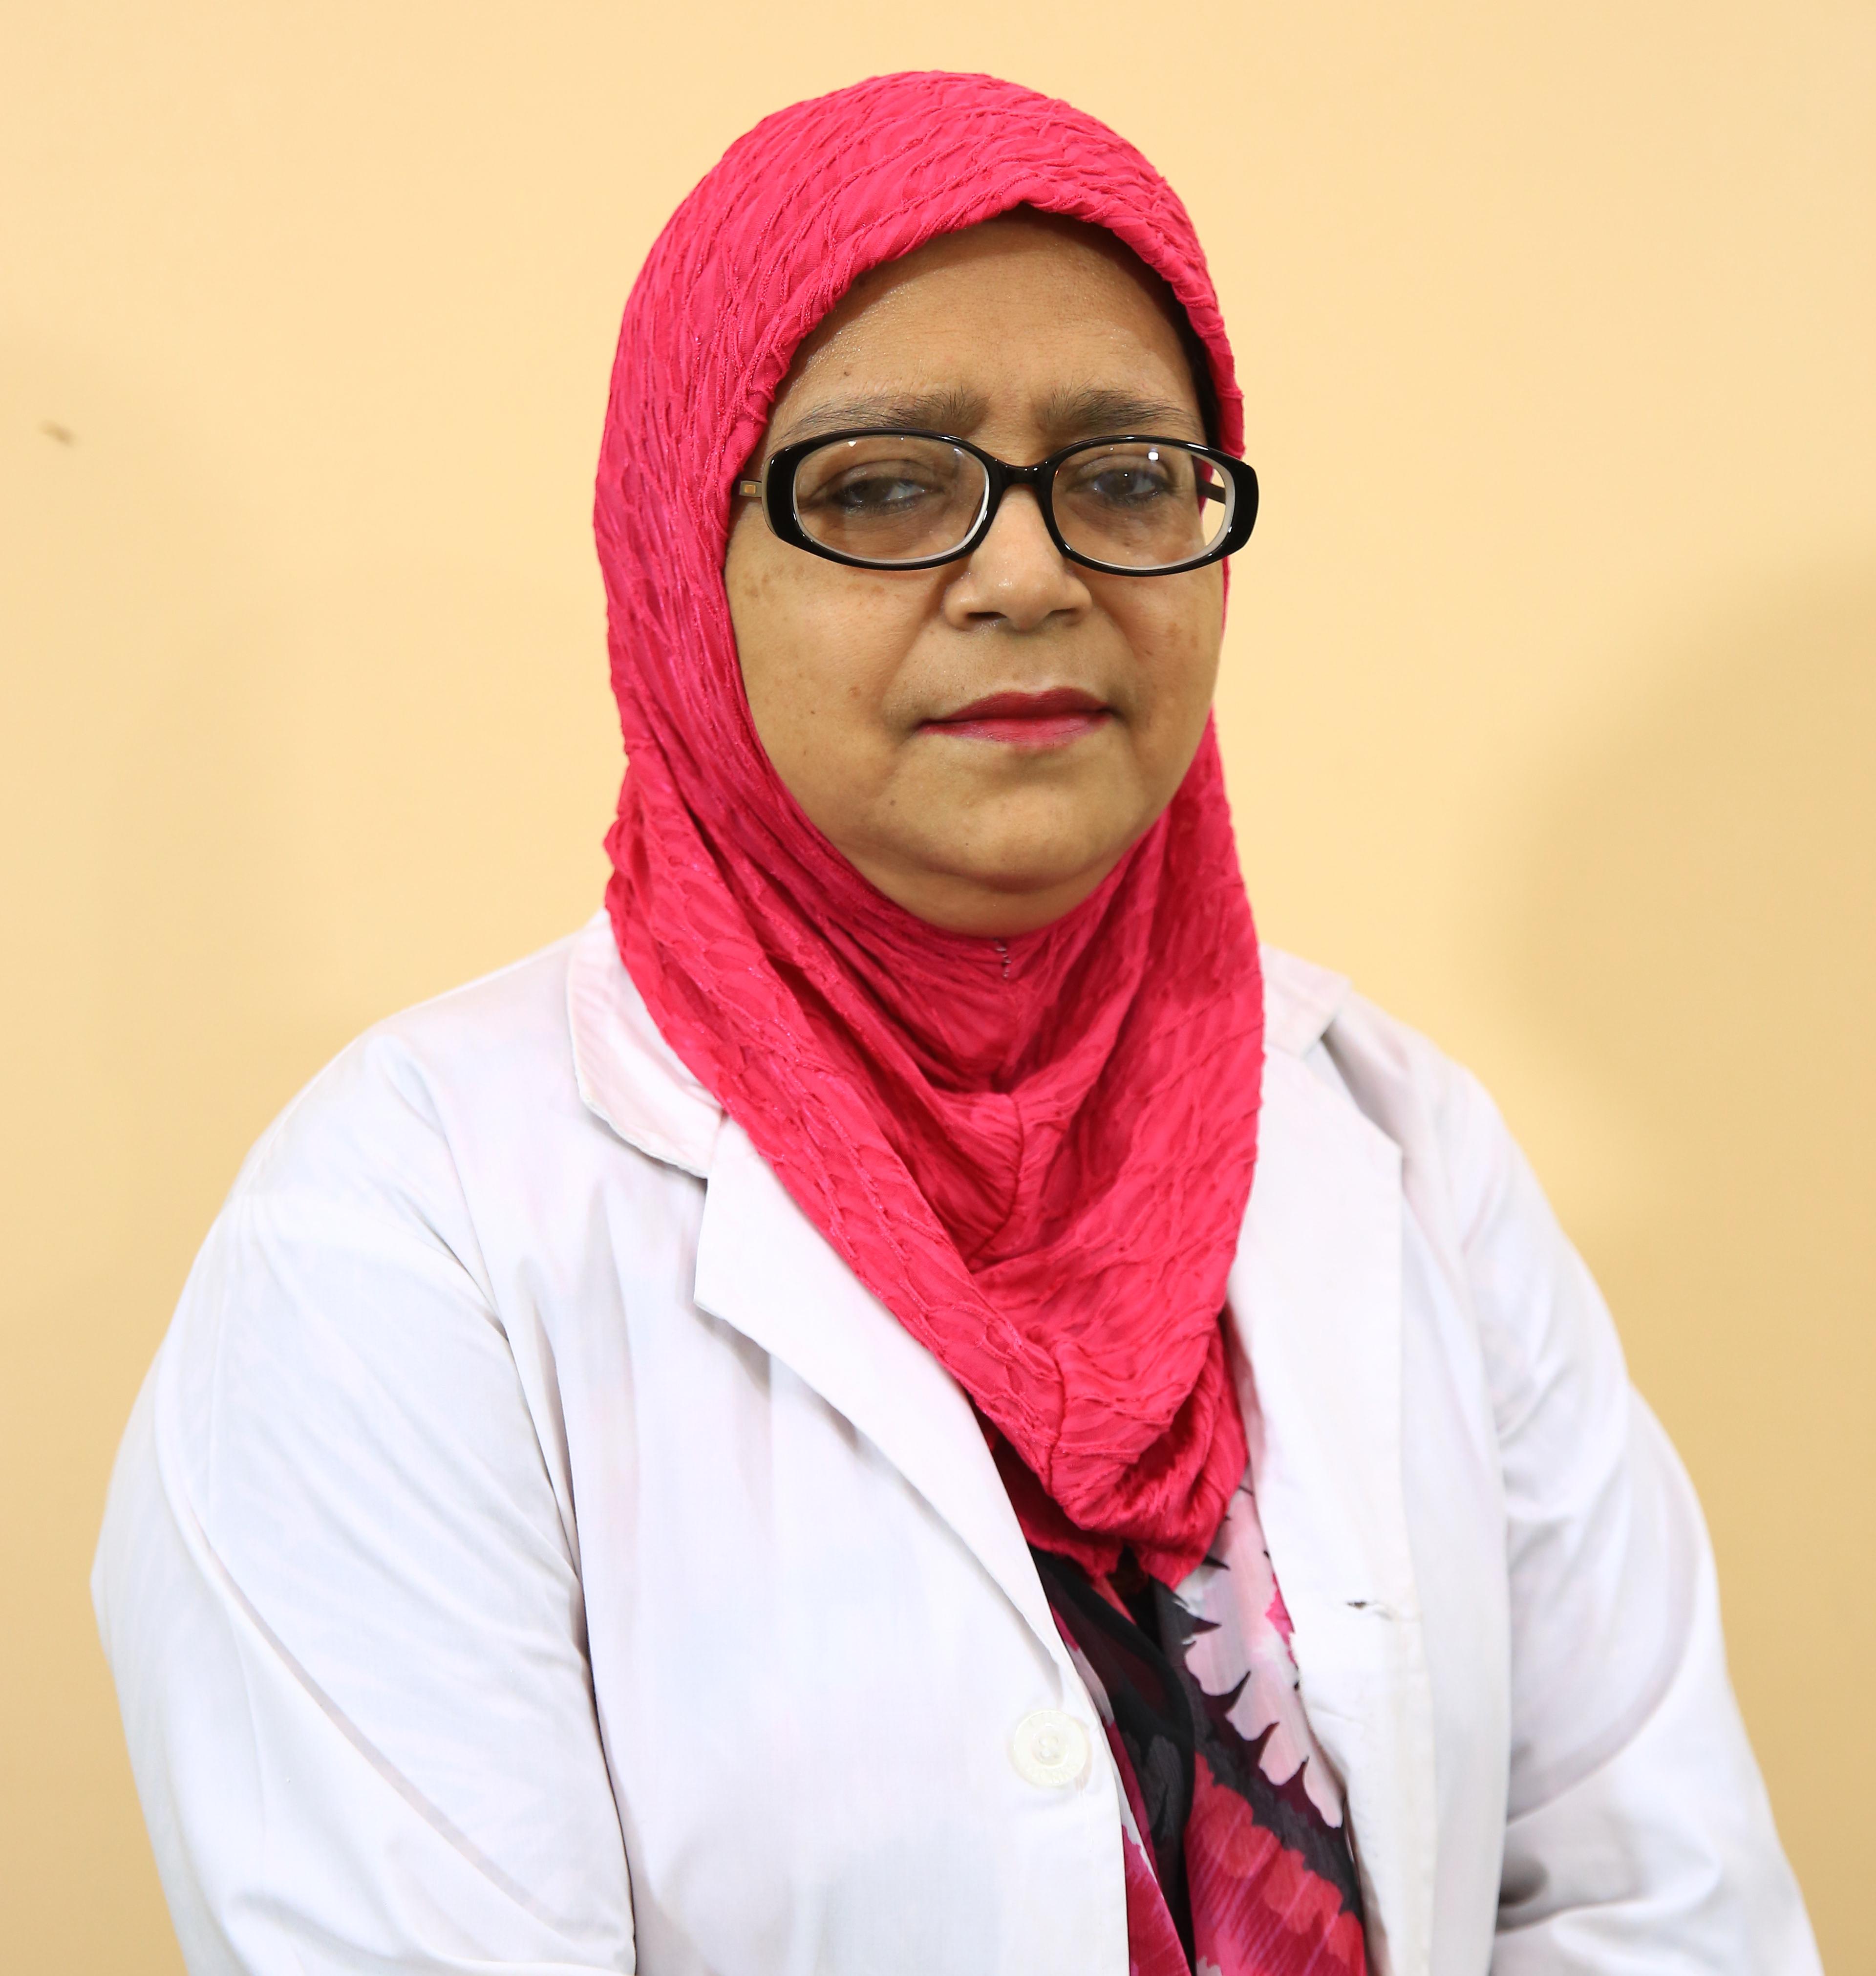 Dr. Ferdous Ara Begum